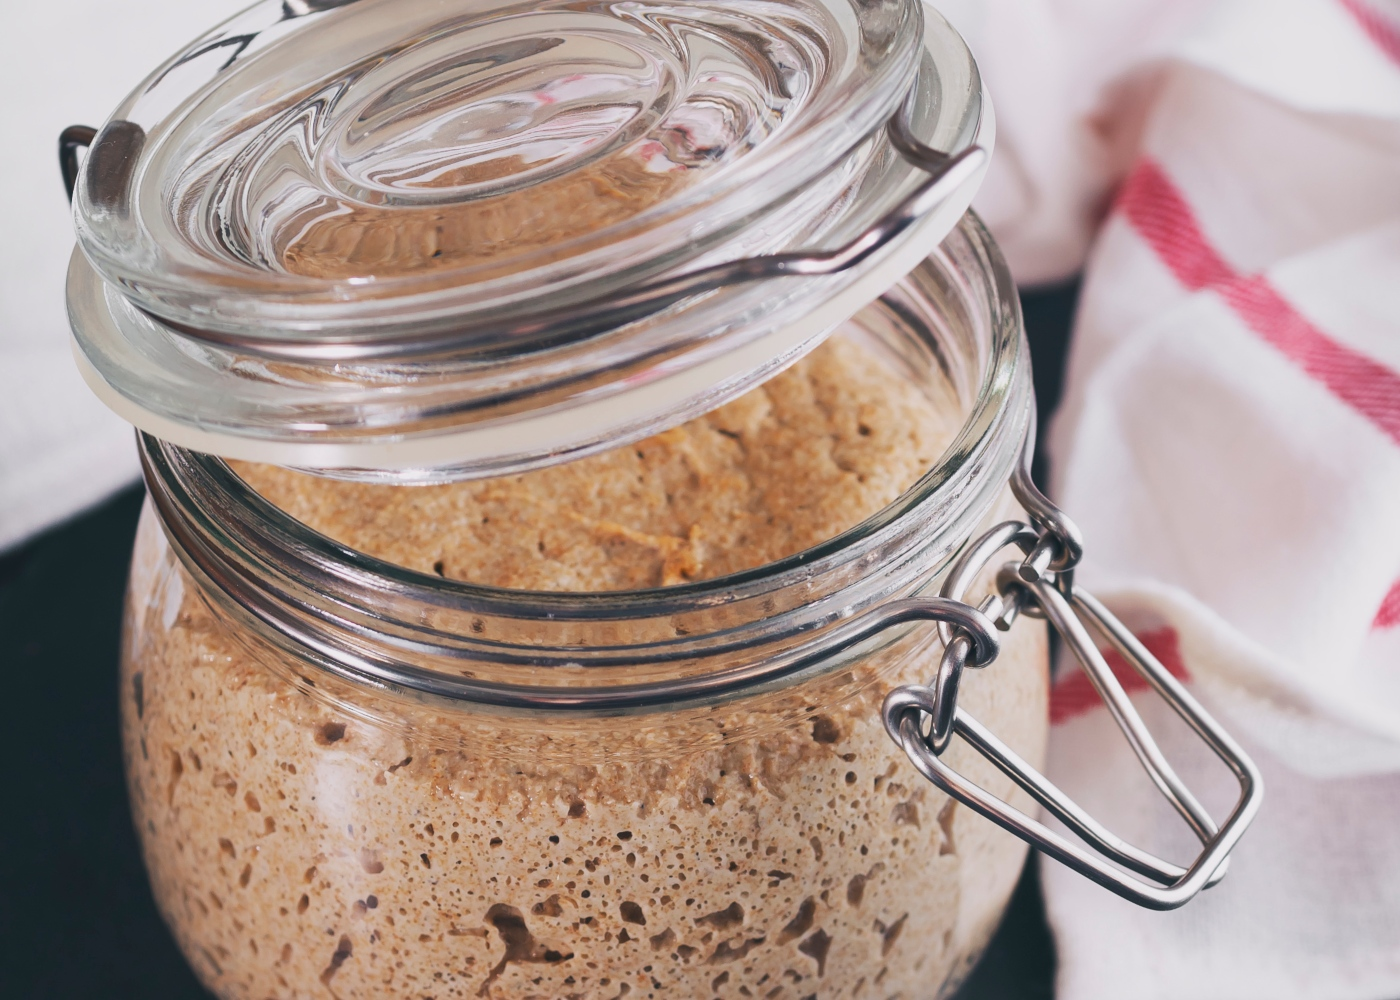 Como fazer fermento caseiro para pão: fermento com farinha e água